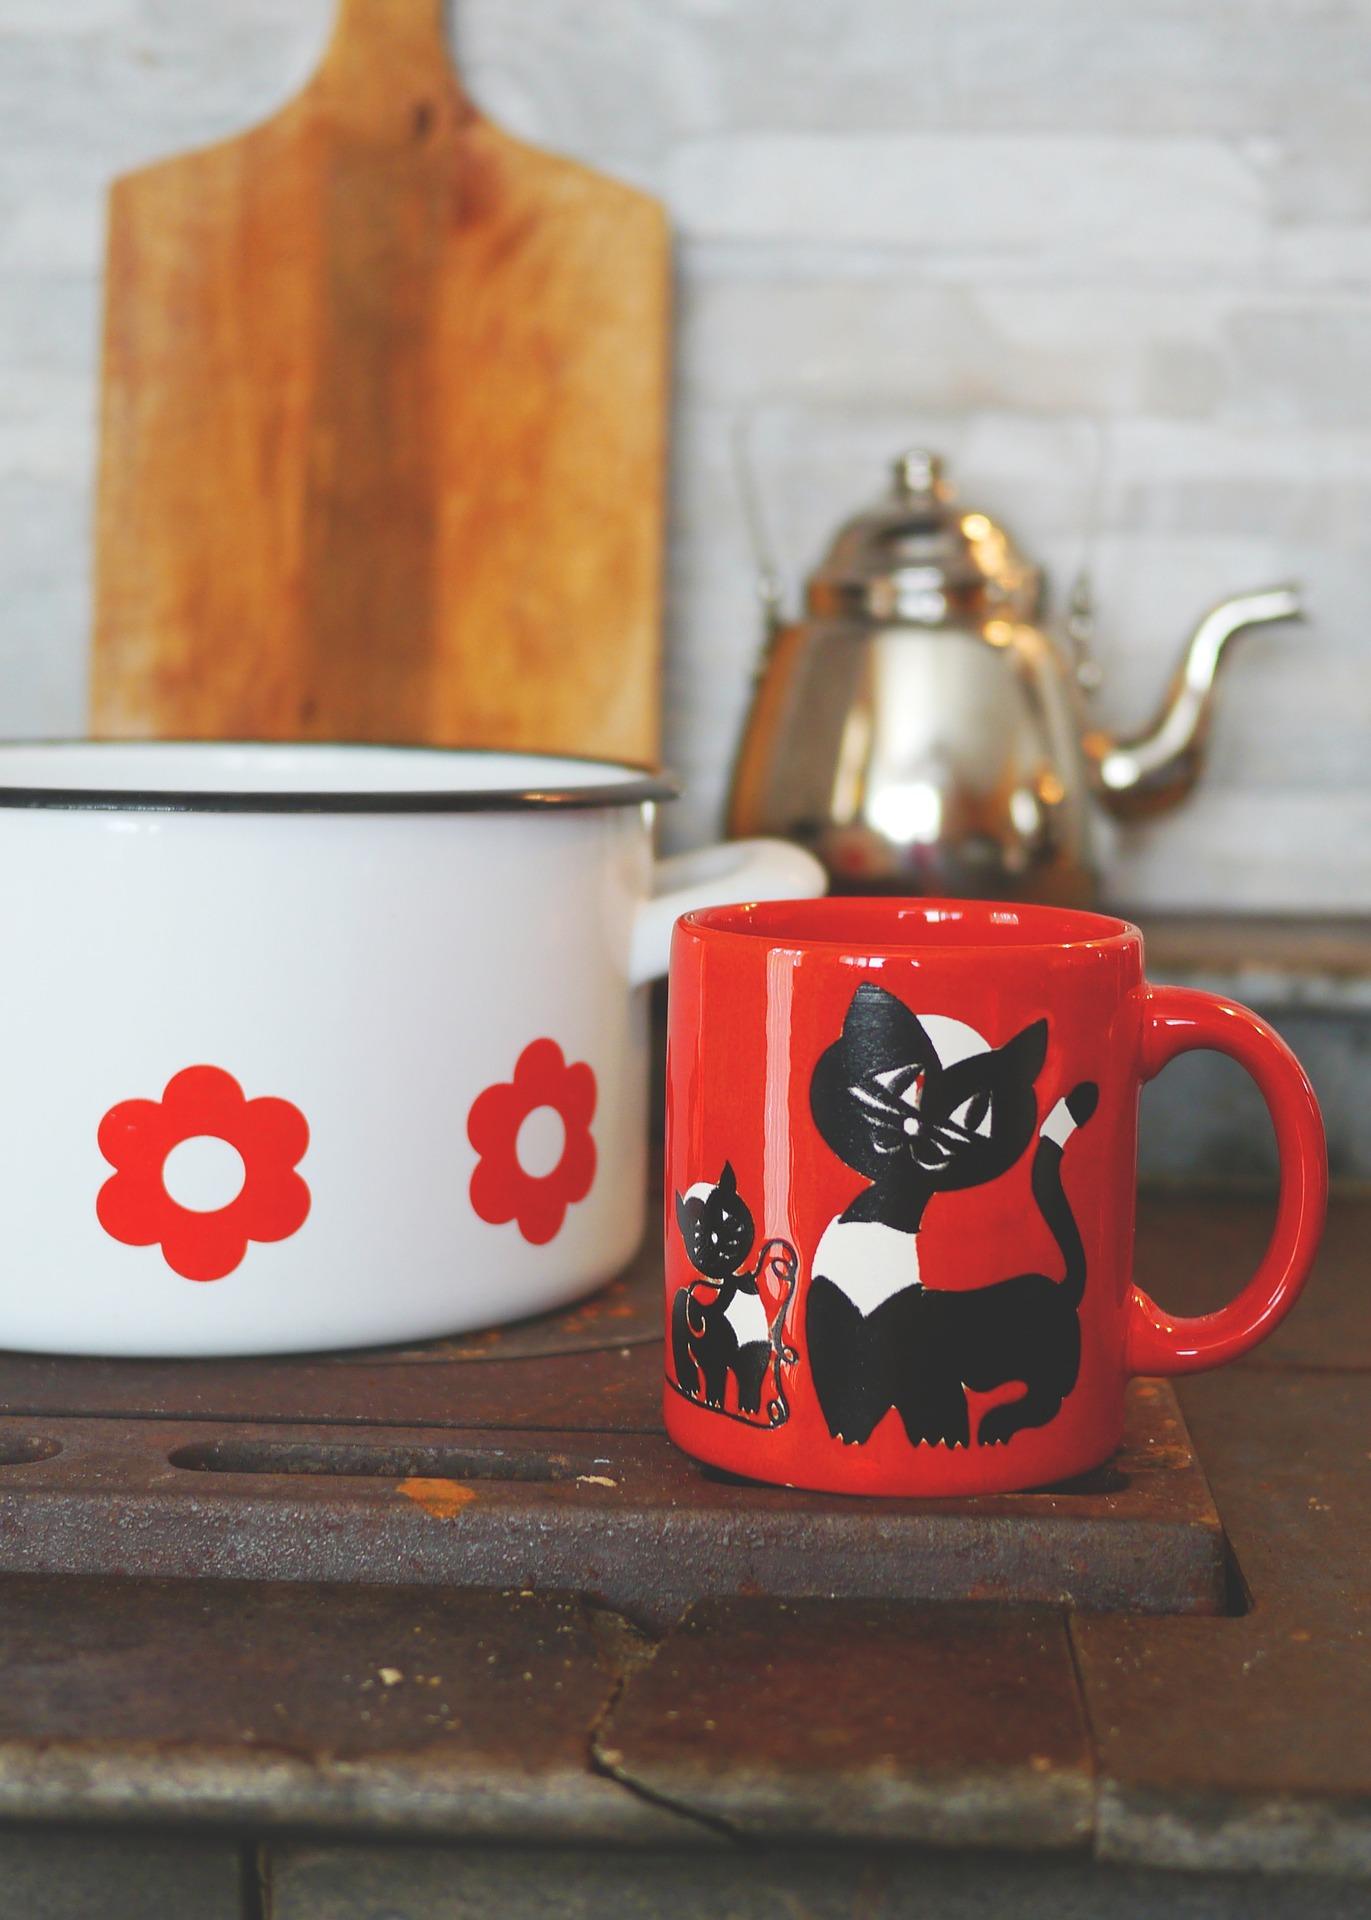 Emaliowany garnek i kubek czerwony z kotem.